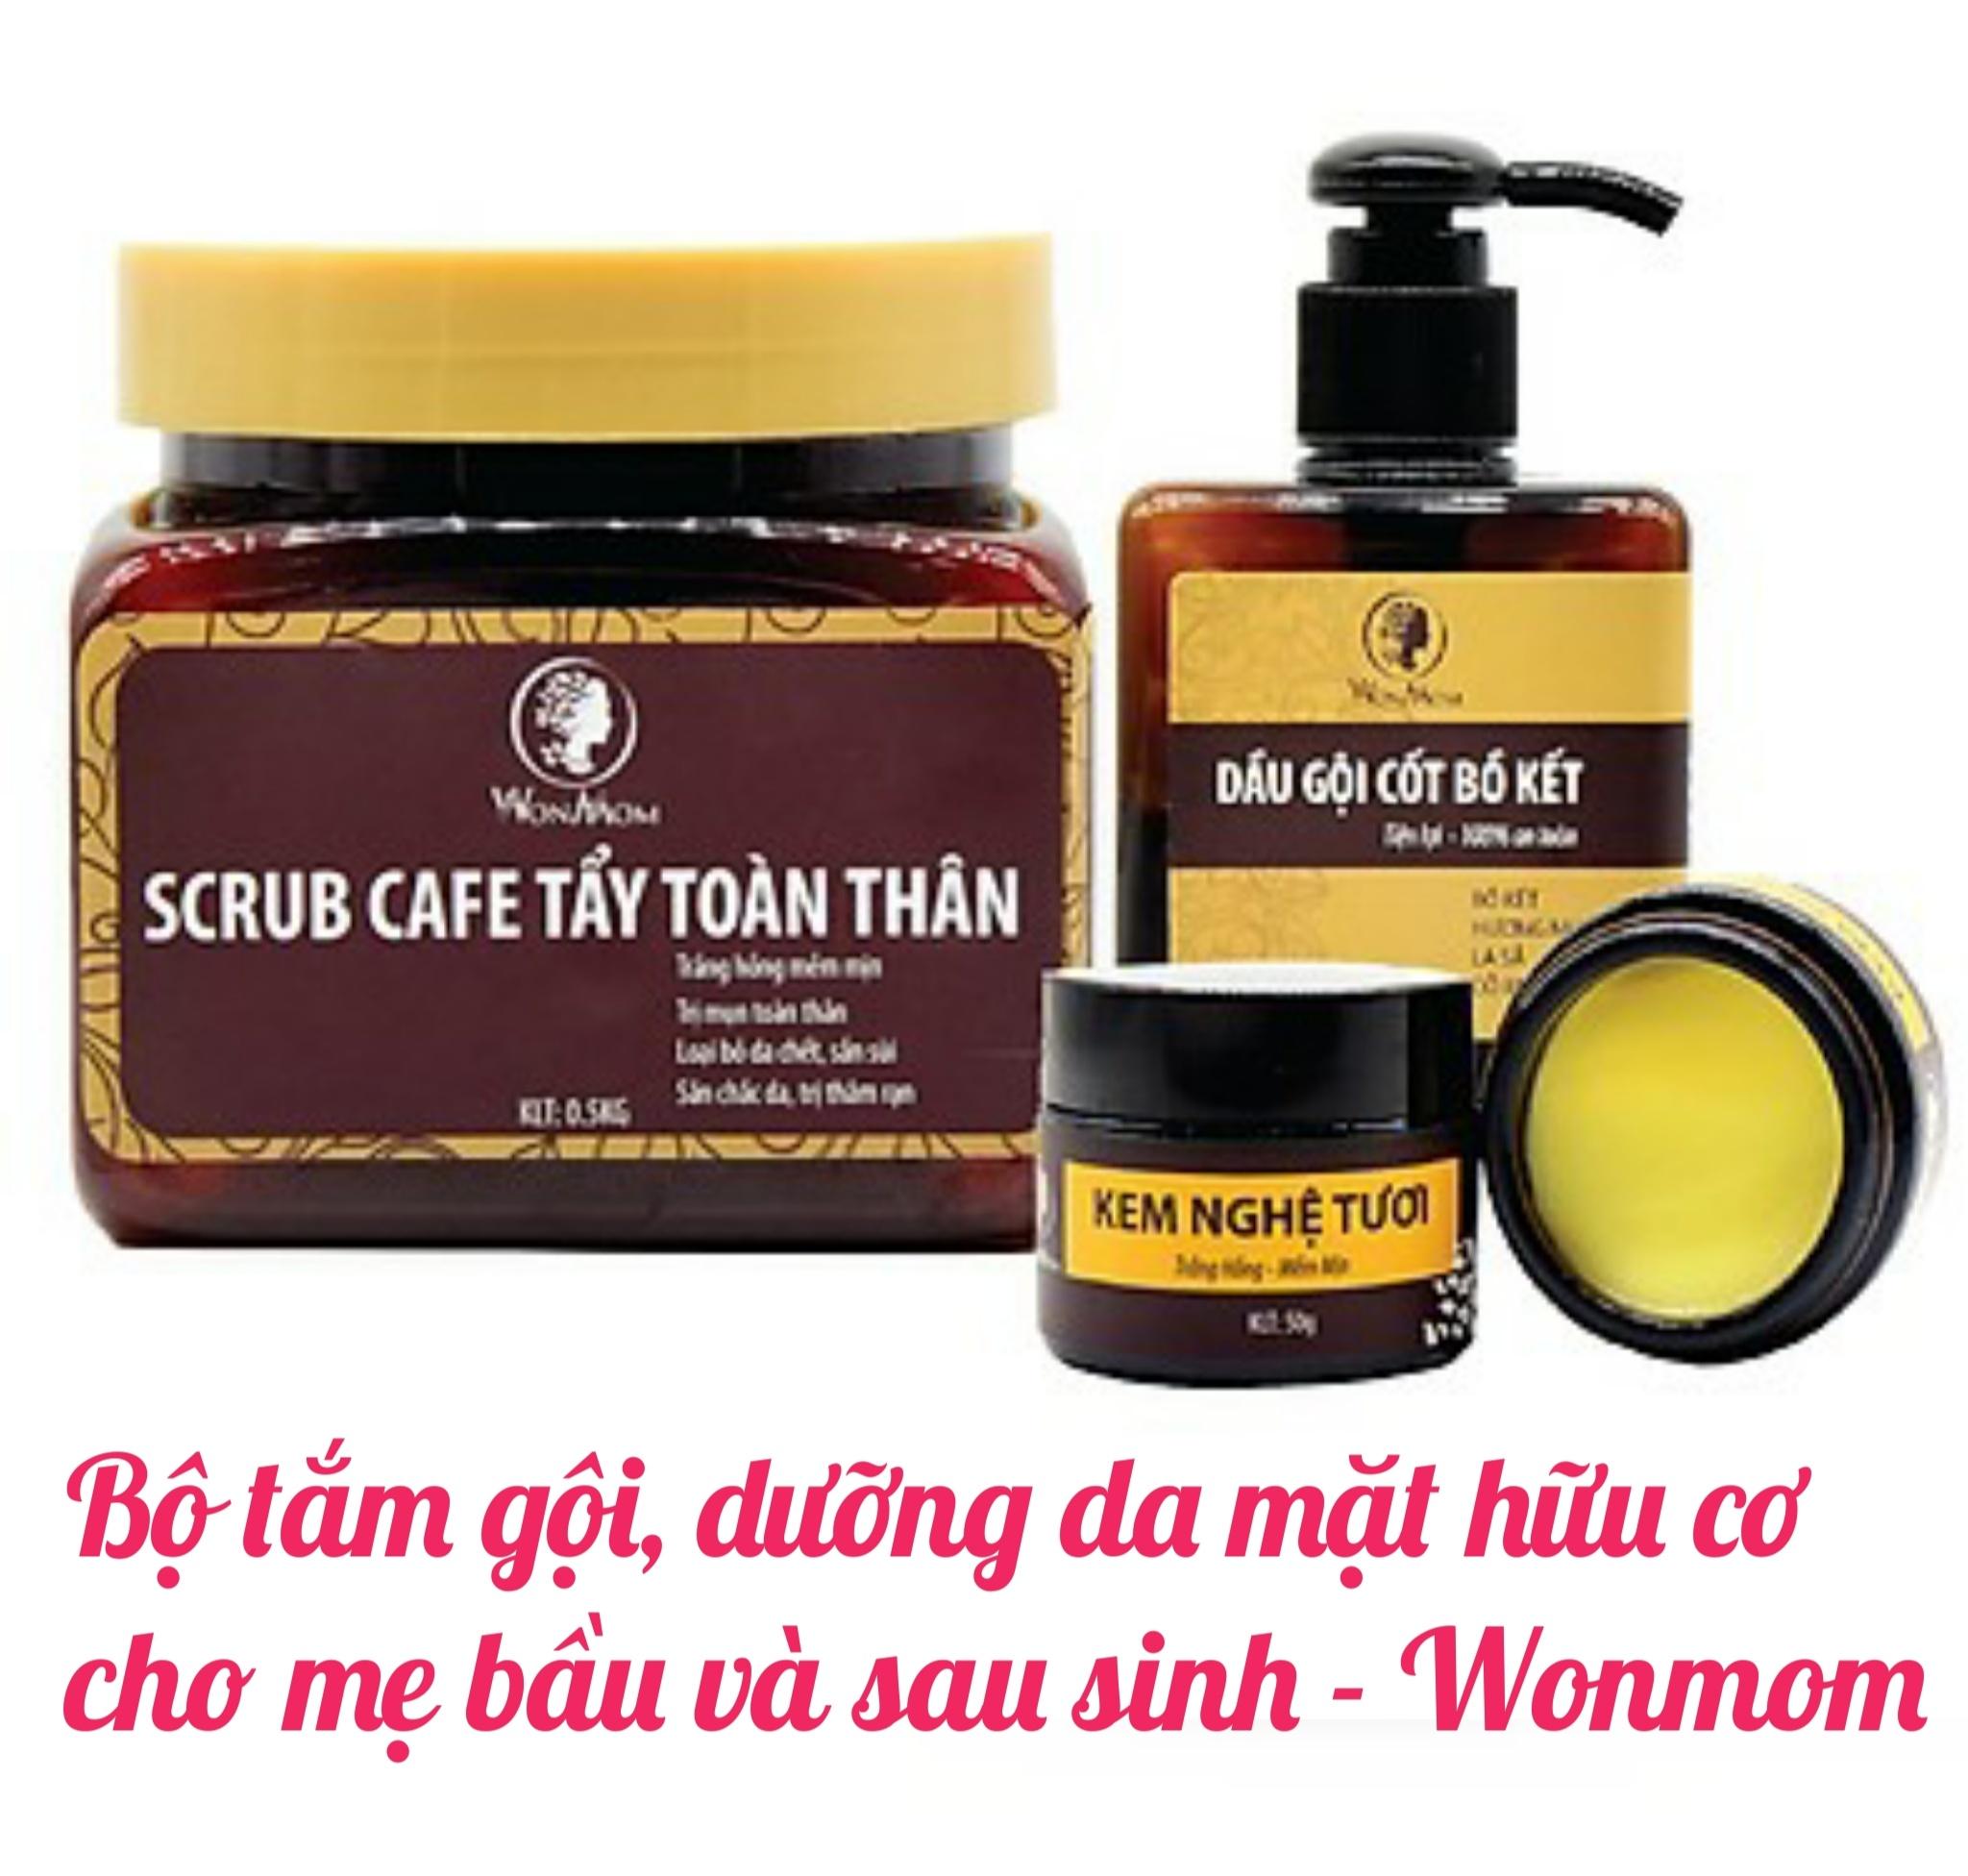 Bộ tắm gội , dưỡng da mặt hữu cơ cho mẹ bầu và sau sinh Wonmom - Việt Nam